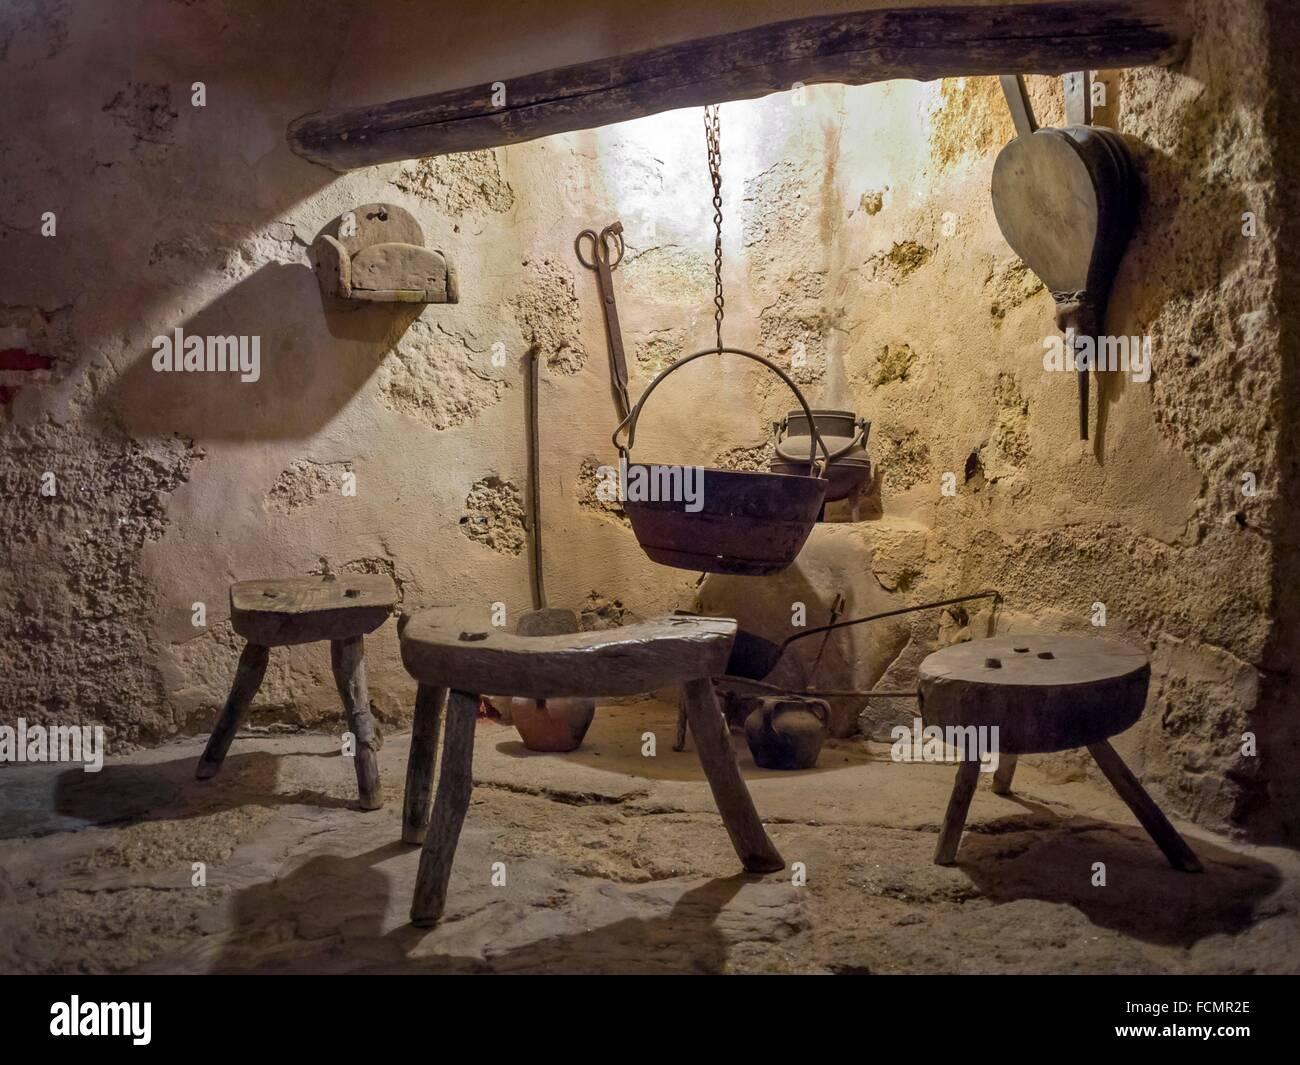 antigua cocina en el monasterio de el palancar c ceres On antigua cocina encantadora